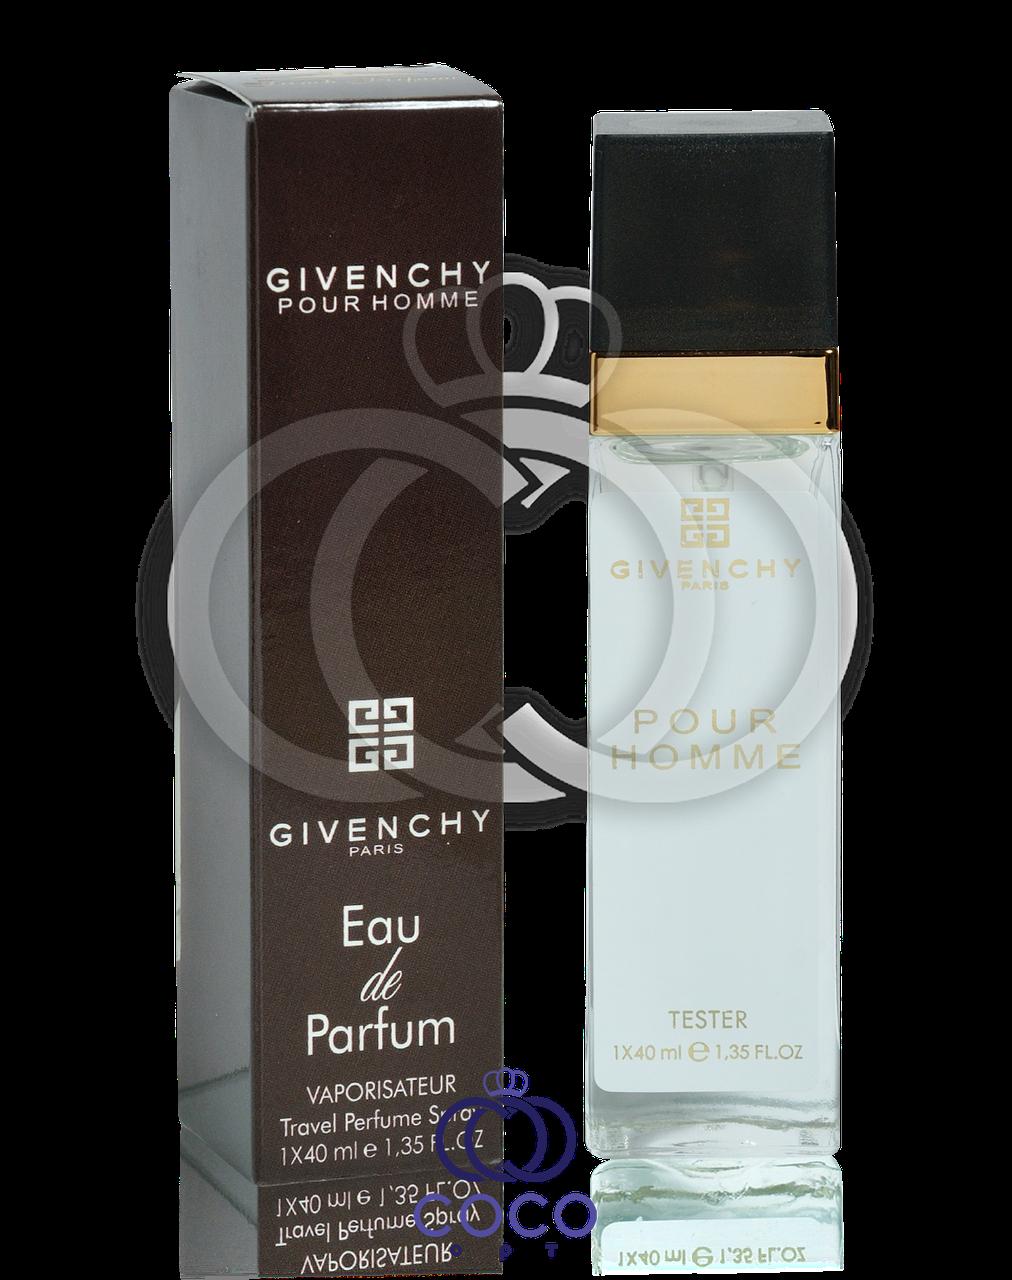 Мужской мини парфюм Givenchy Pour Homme (тестер) 40 мл